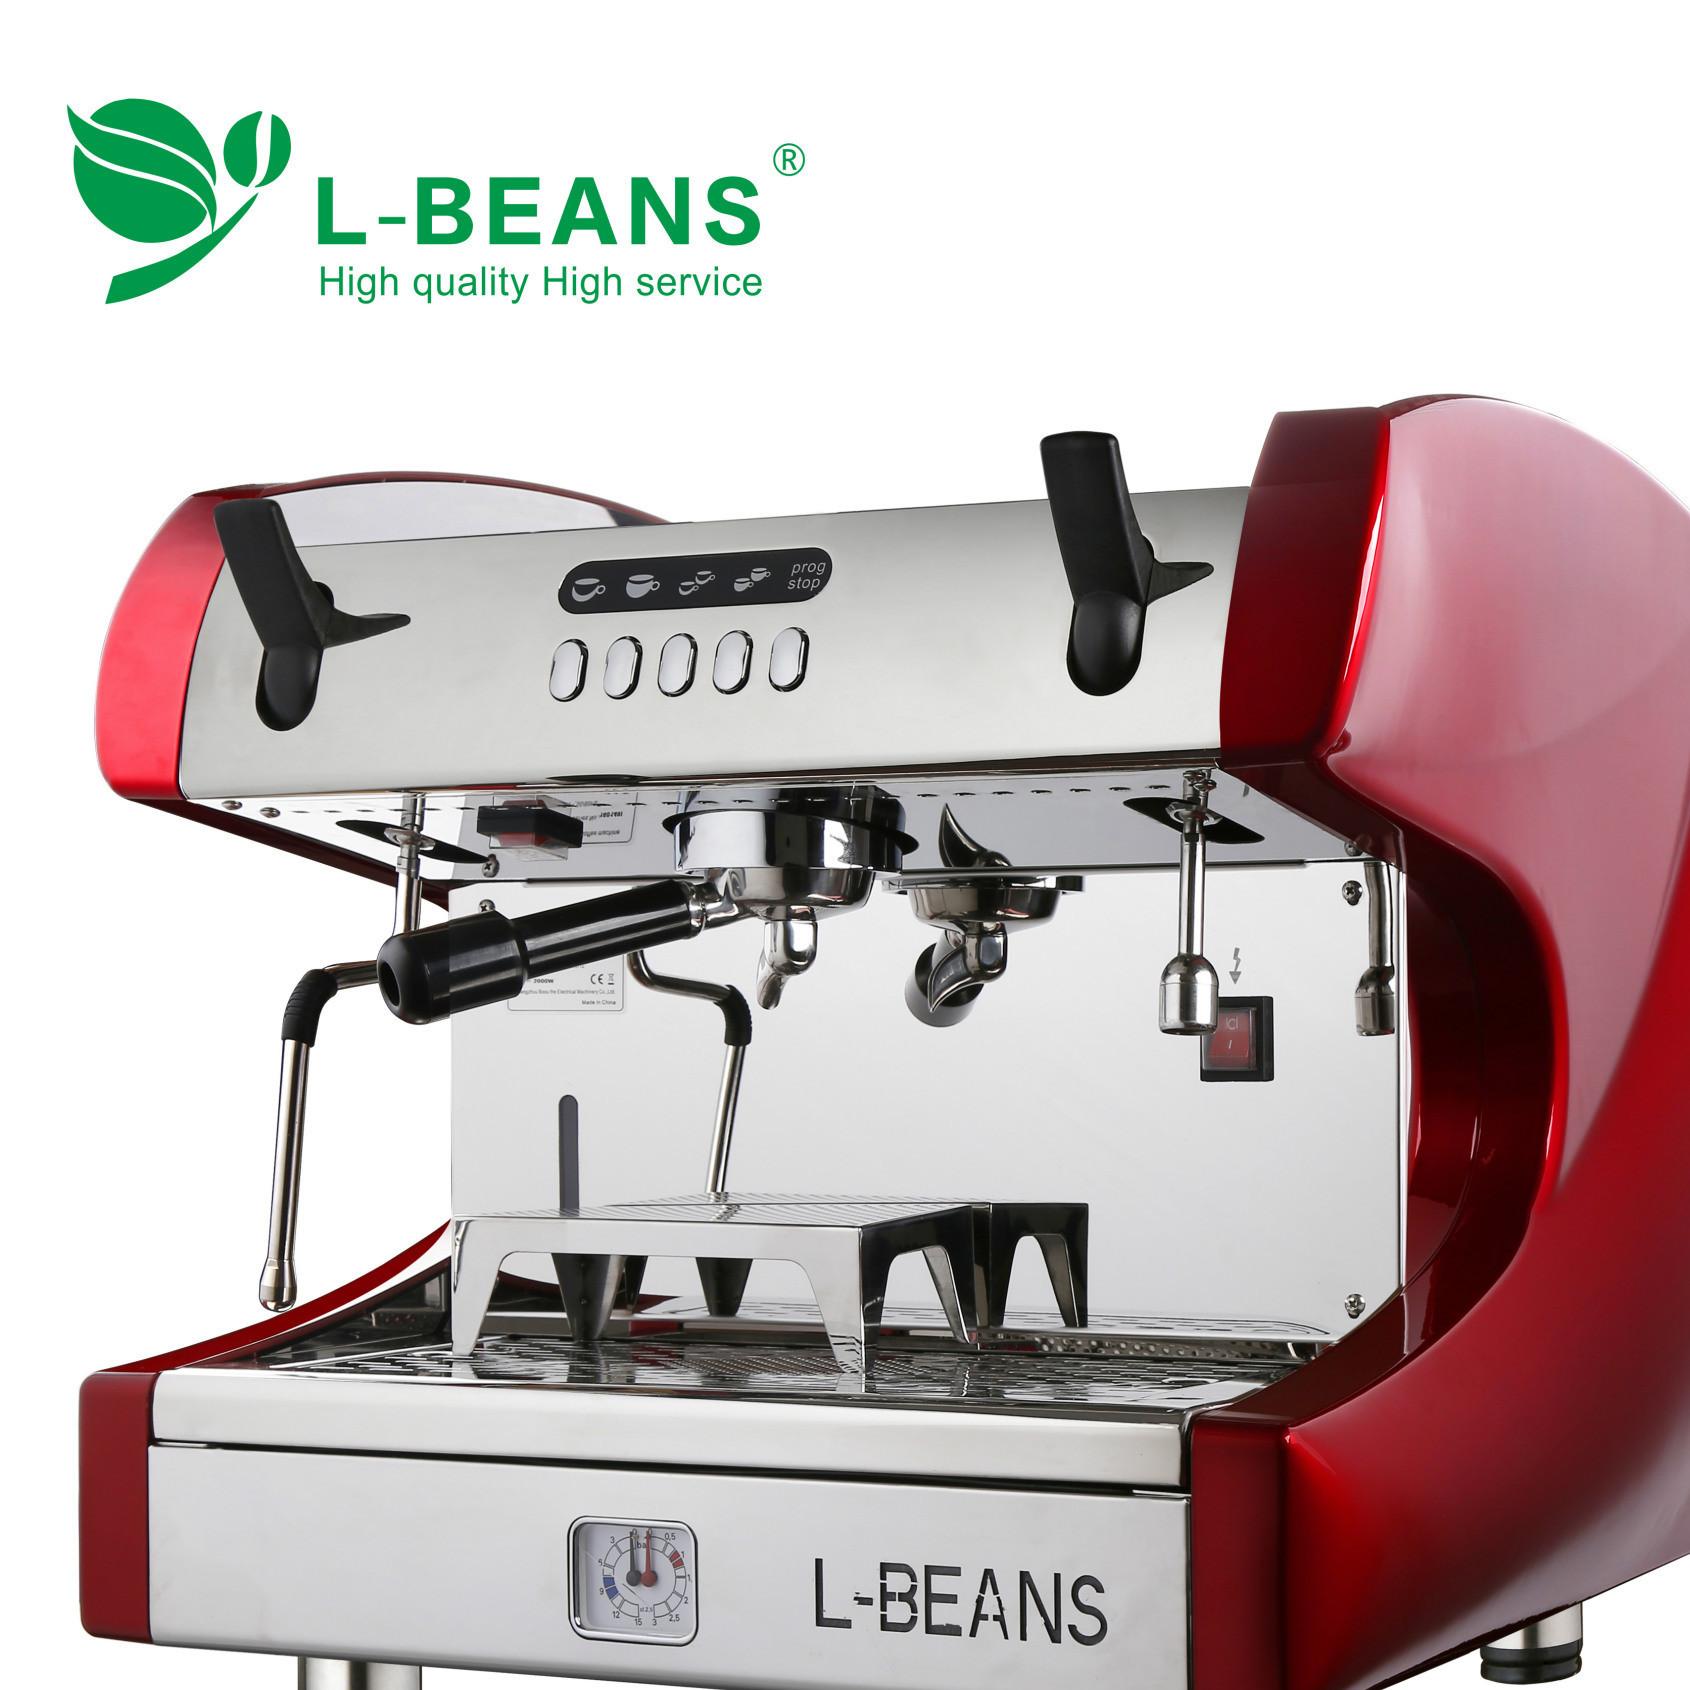 L-BEANS玛莎拉蒂商用半自动咖啡机 双头意式半自动咖啡机高杯版